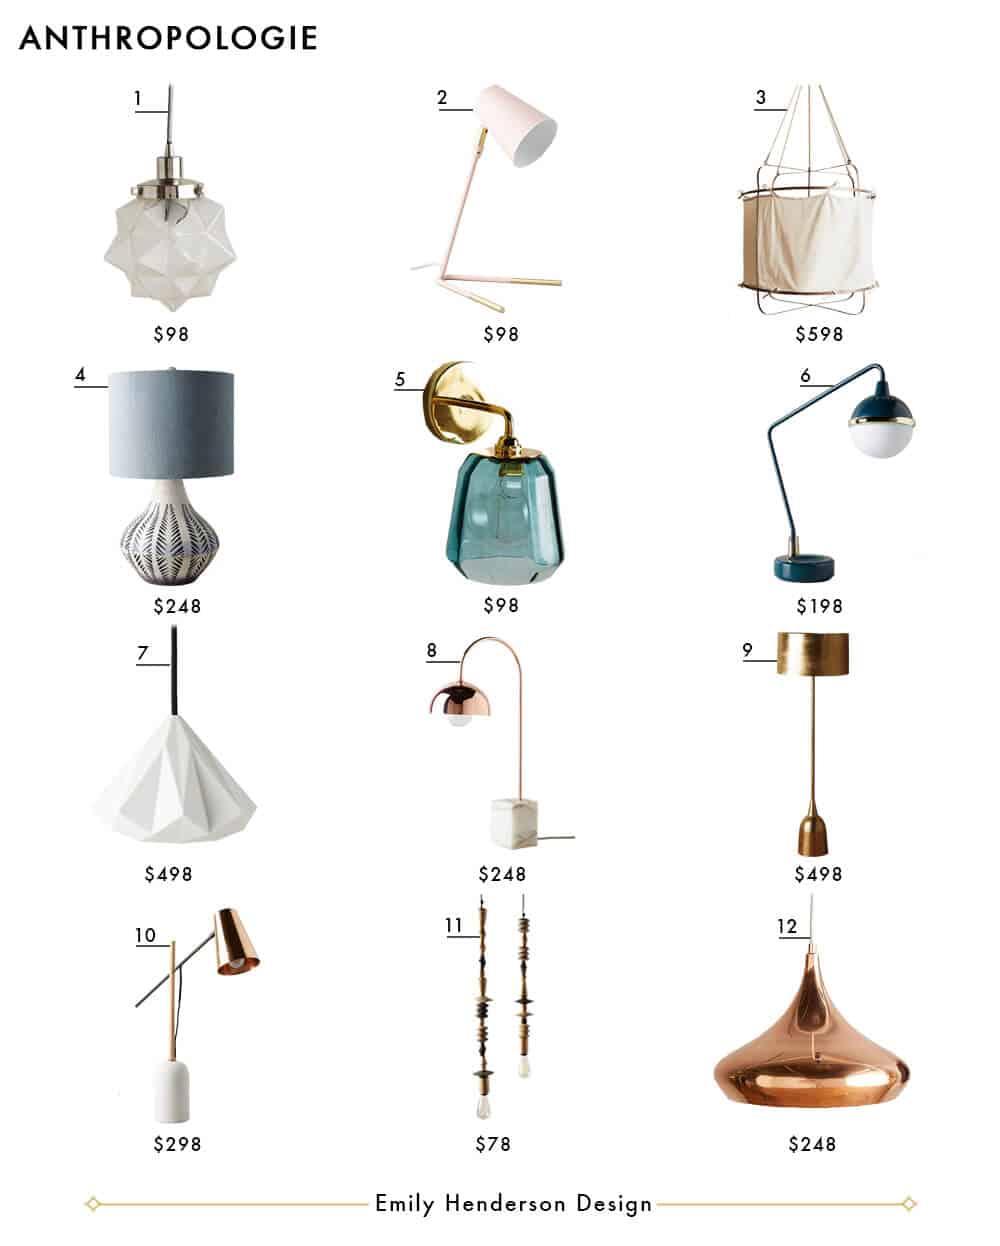 Anthropologie Emily Henderson Design Lighting Roundup